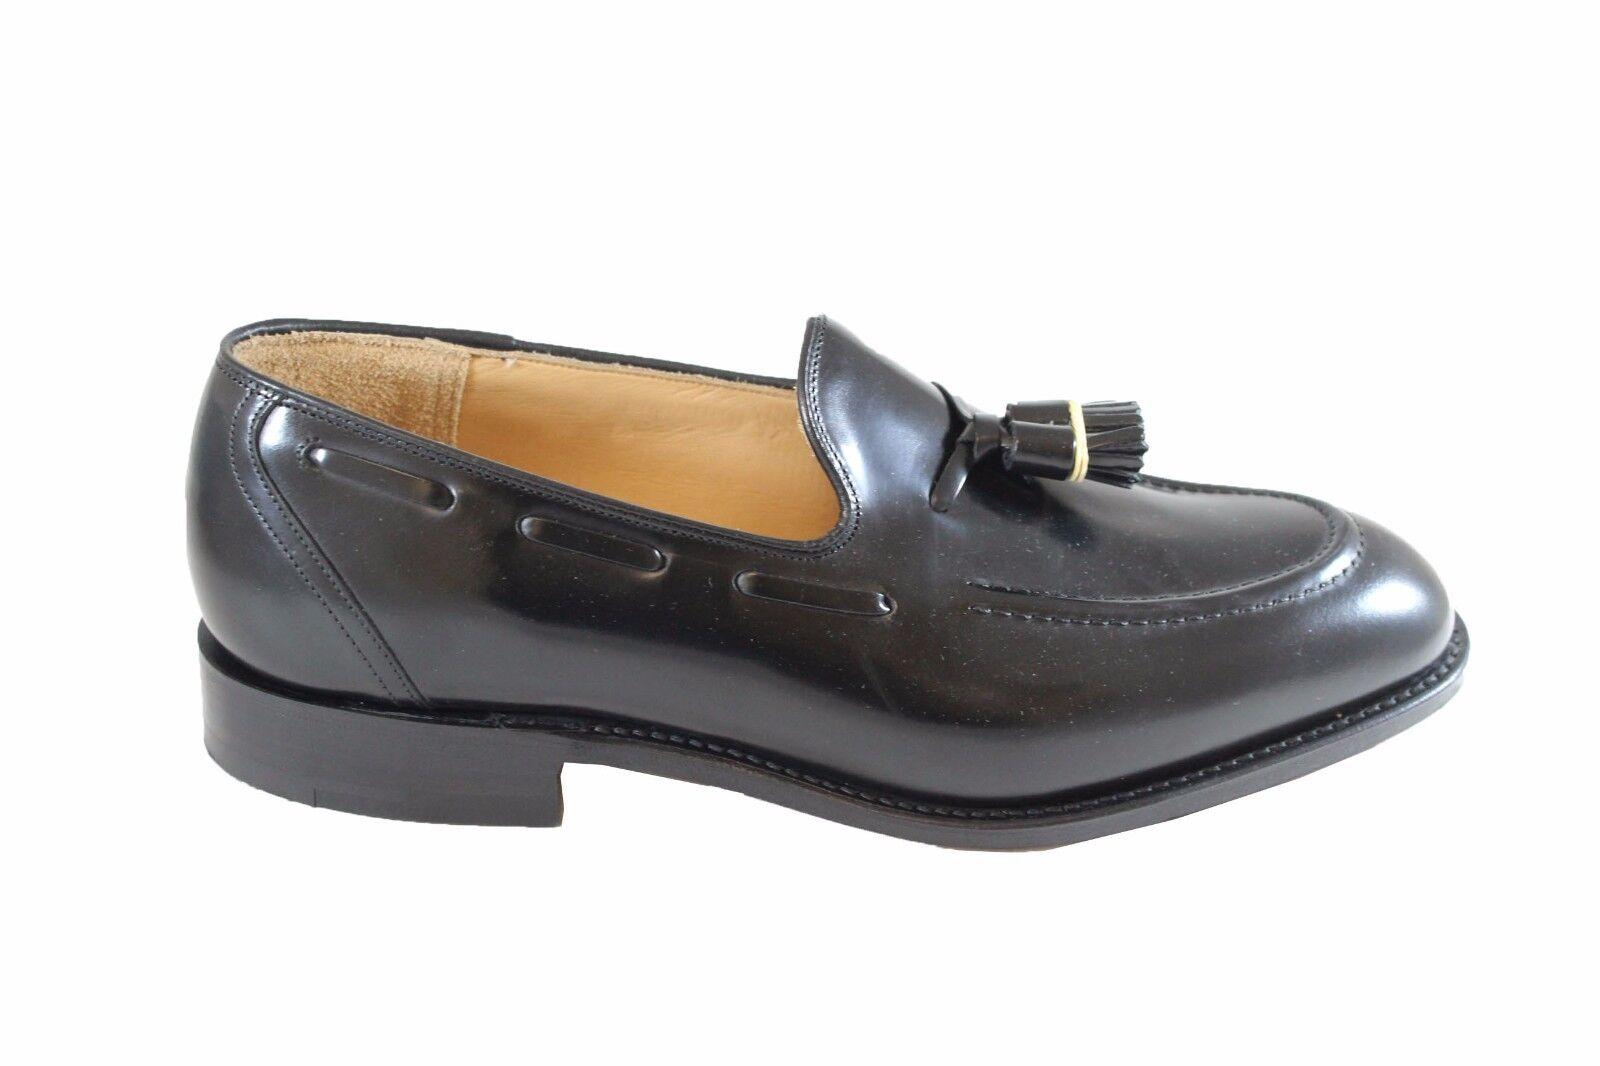 CHURCH'S Kingsley 2 Polishbinder schwarz loafers vitello spazzolato FIT G